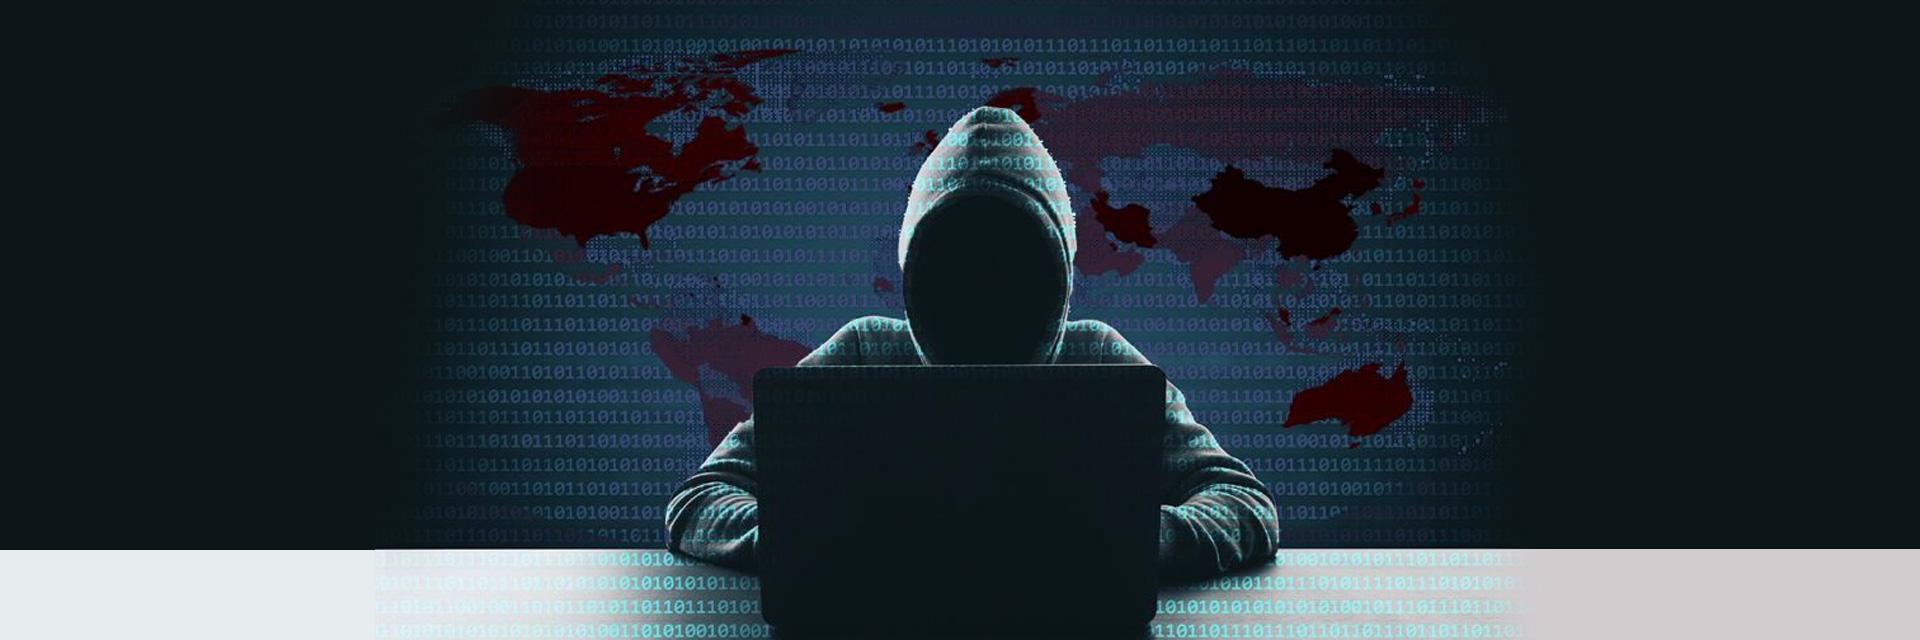 一波黑客正在以新冠肺炎疫情COVID-19/Coronavirus名义实施邮件/开发信诈骗